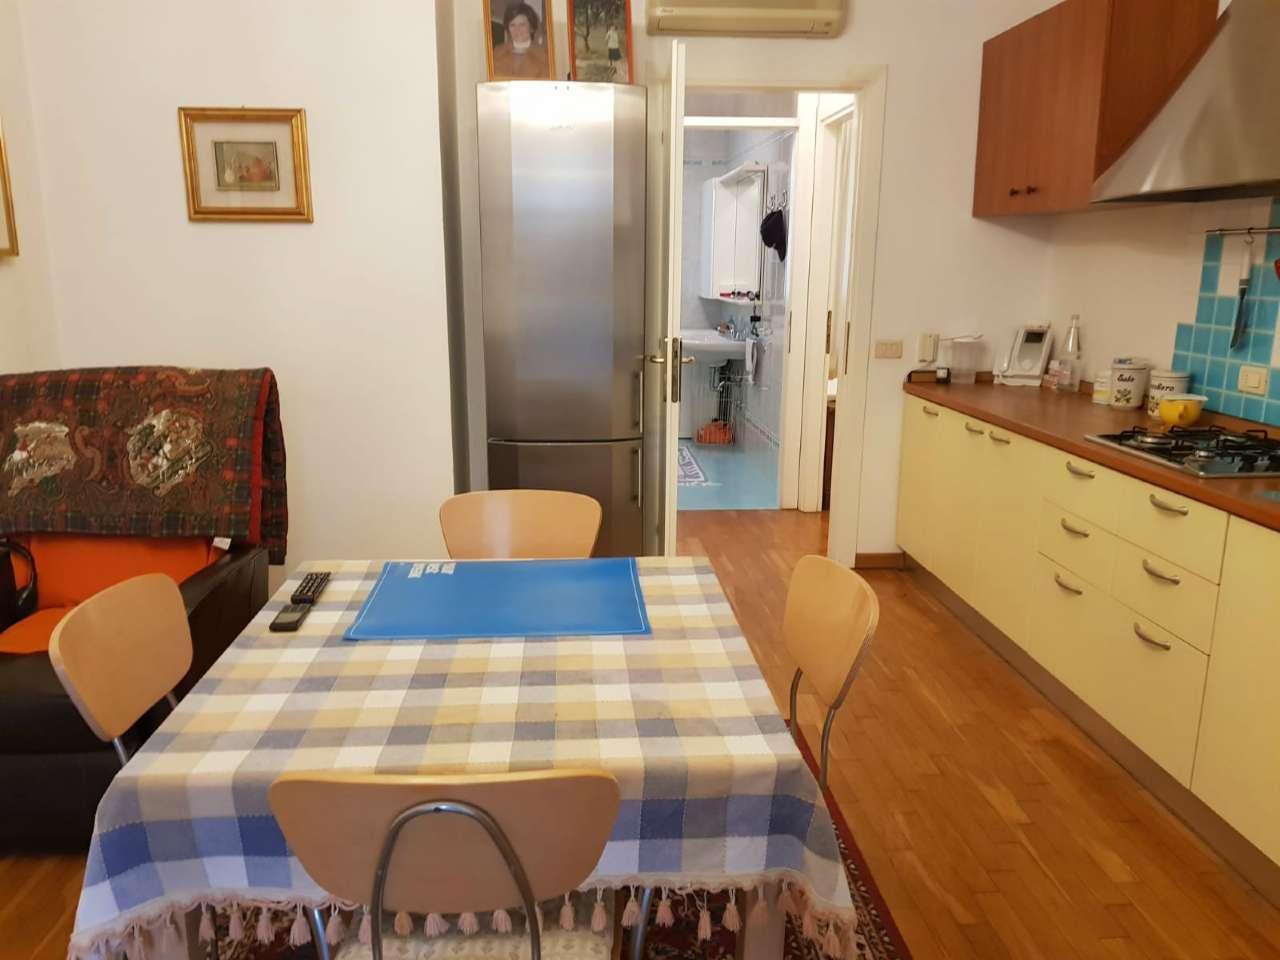 Appartamento in vendita a Fiesso d'Artico, 2 locali, prezzo € 82.000 | CambioCasa.it